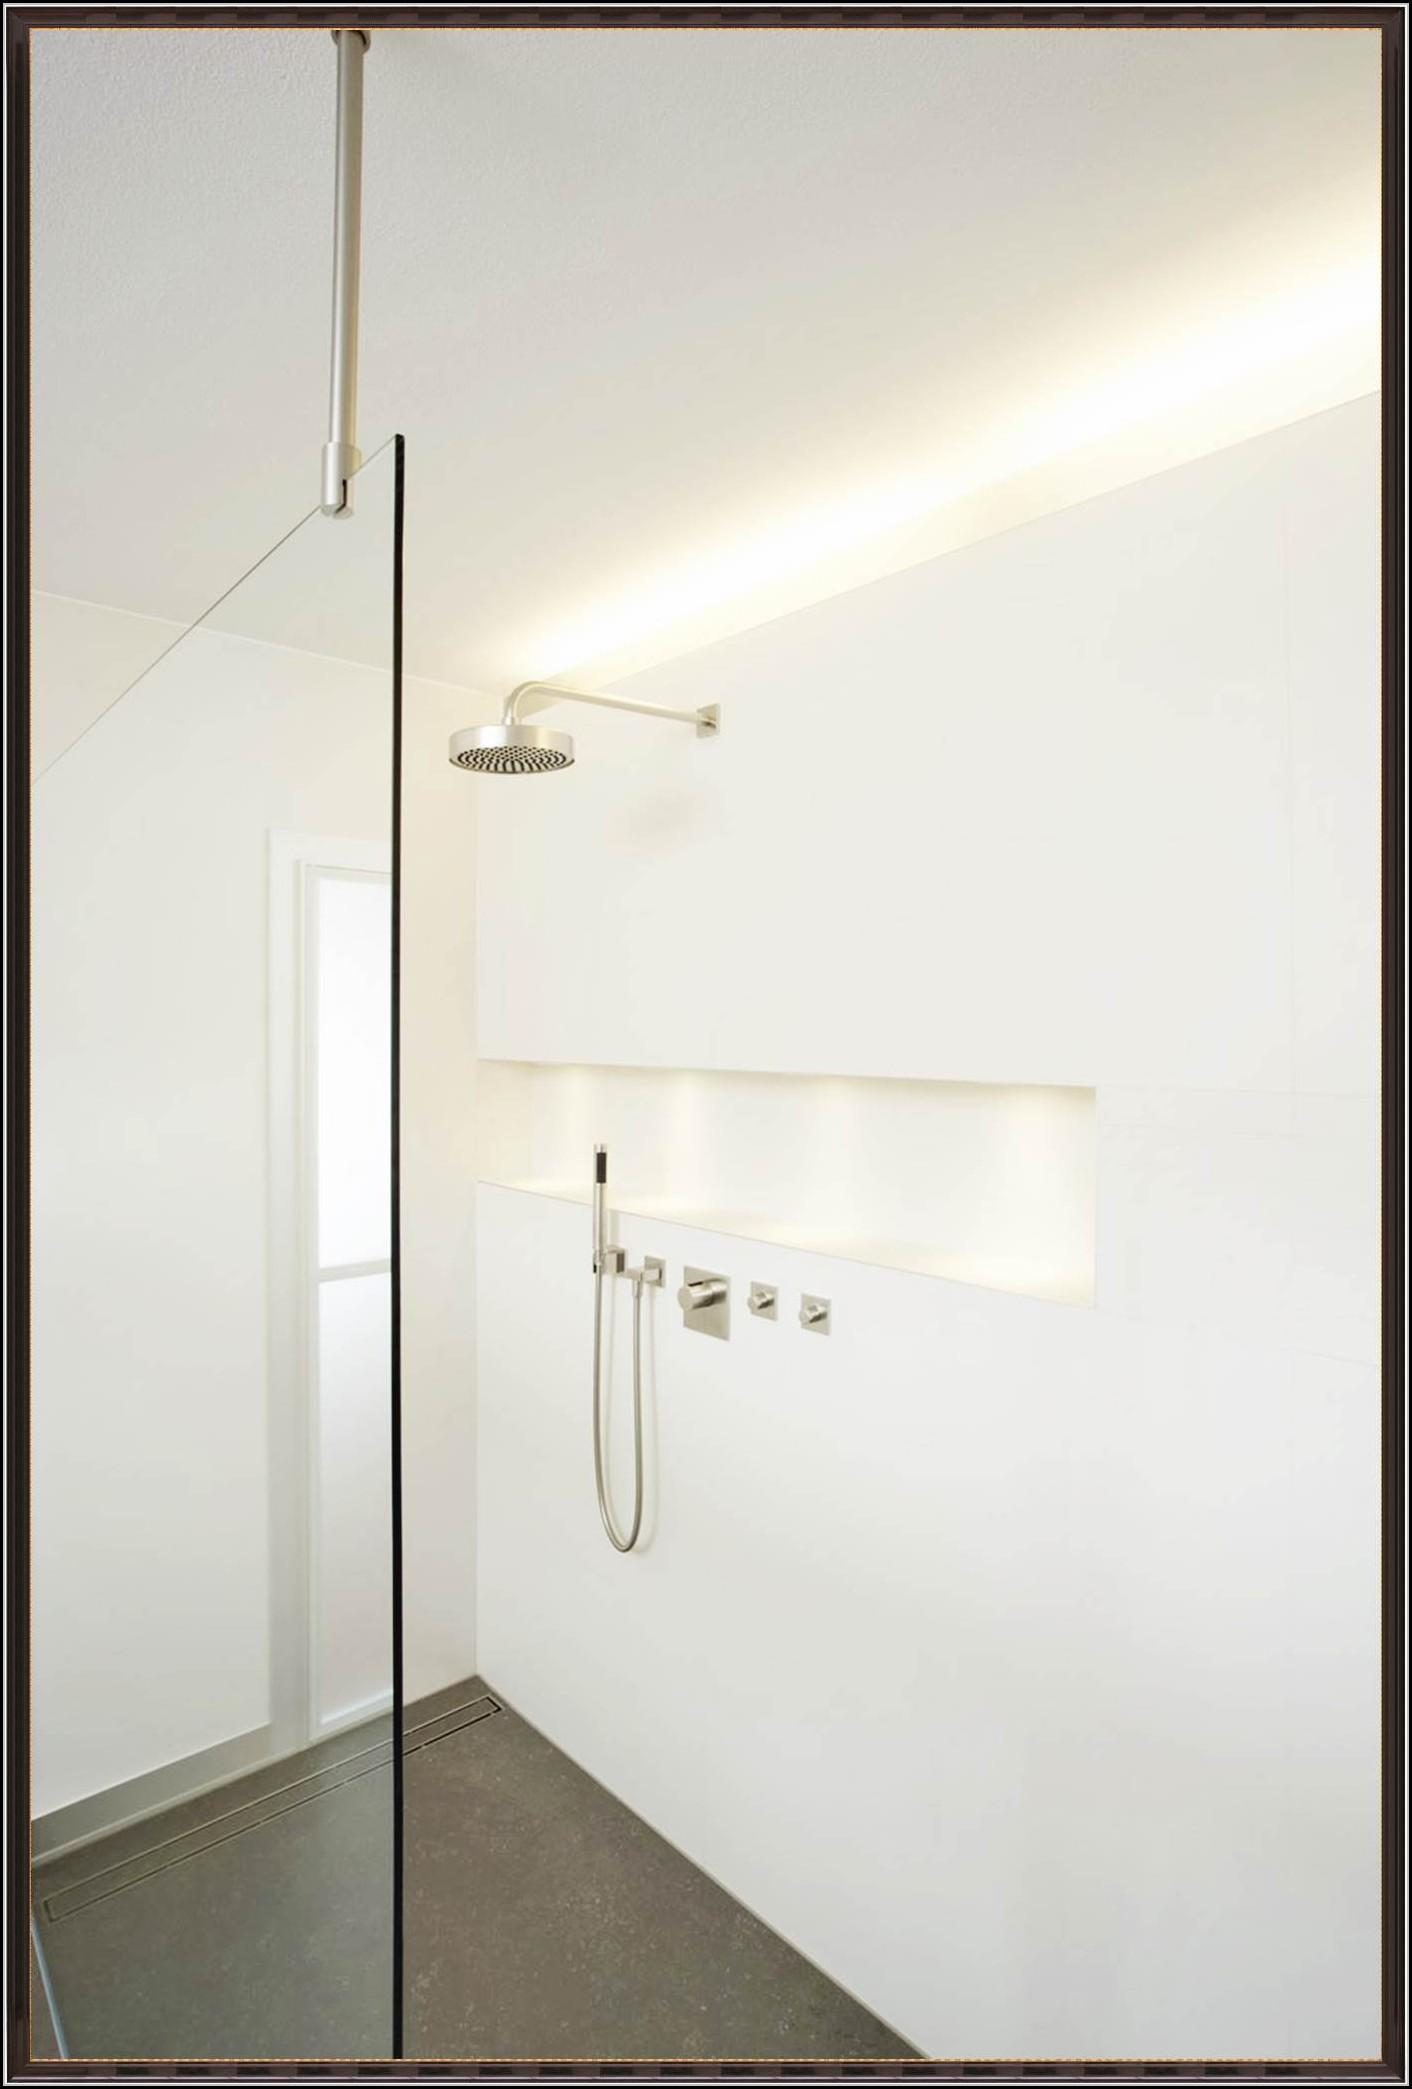 Beleuchtung Dusche Nische : beleuchtung dusche nische beleuchthung house und dekor galerie pnwybqy1bn ~ Yasmunasinghe.com Haus und Dekorationen